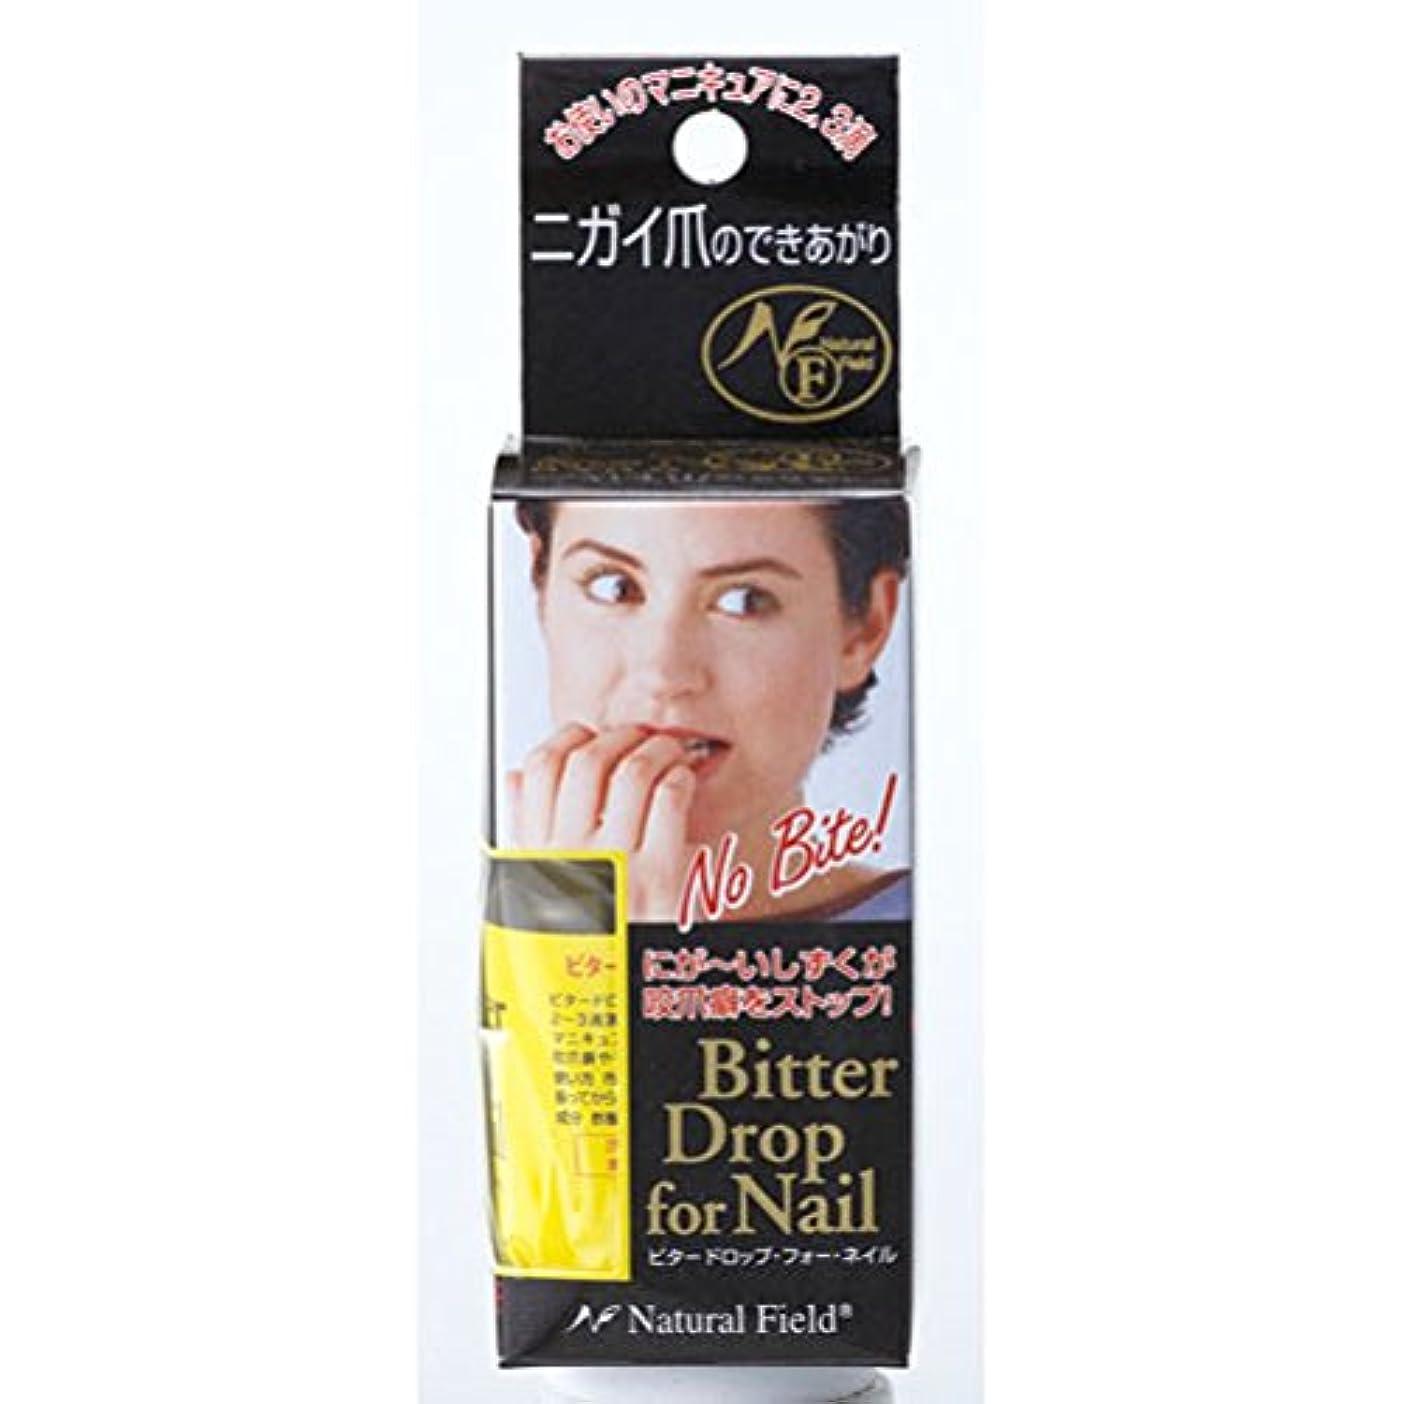 ブラスト最も早い唇Natural Field ビターフォードロップ 20ml 「咬爪癖防止」商品